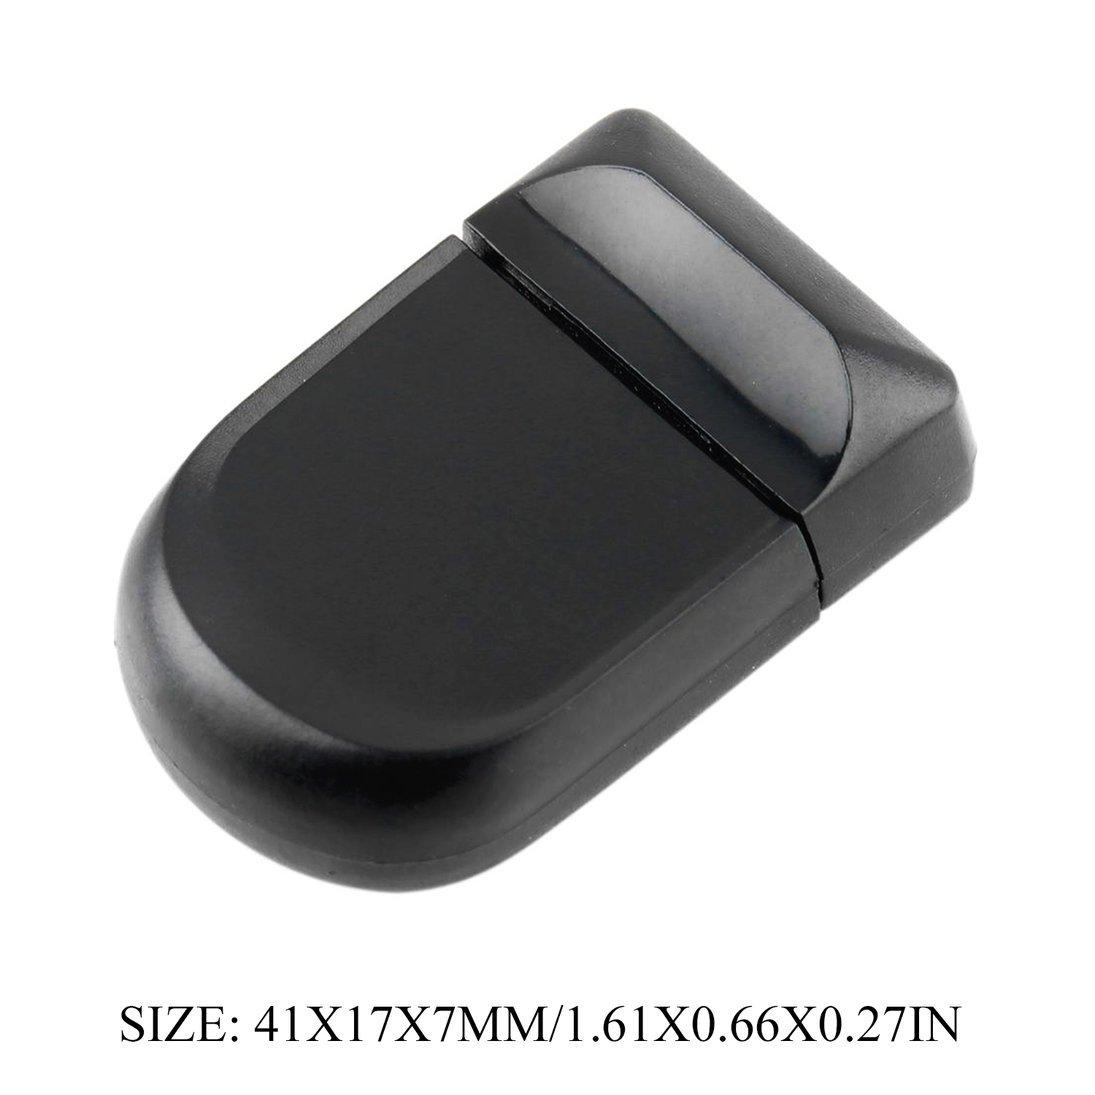 WEIHAN Chiavetta USB 2.0 di grandi dimensioni per chiavetta USB 2.0 di grandi dimensioni con chiavetta USB per PC portatile